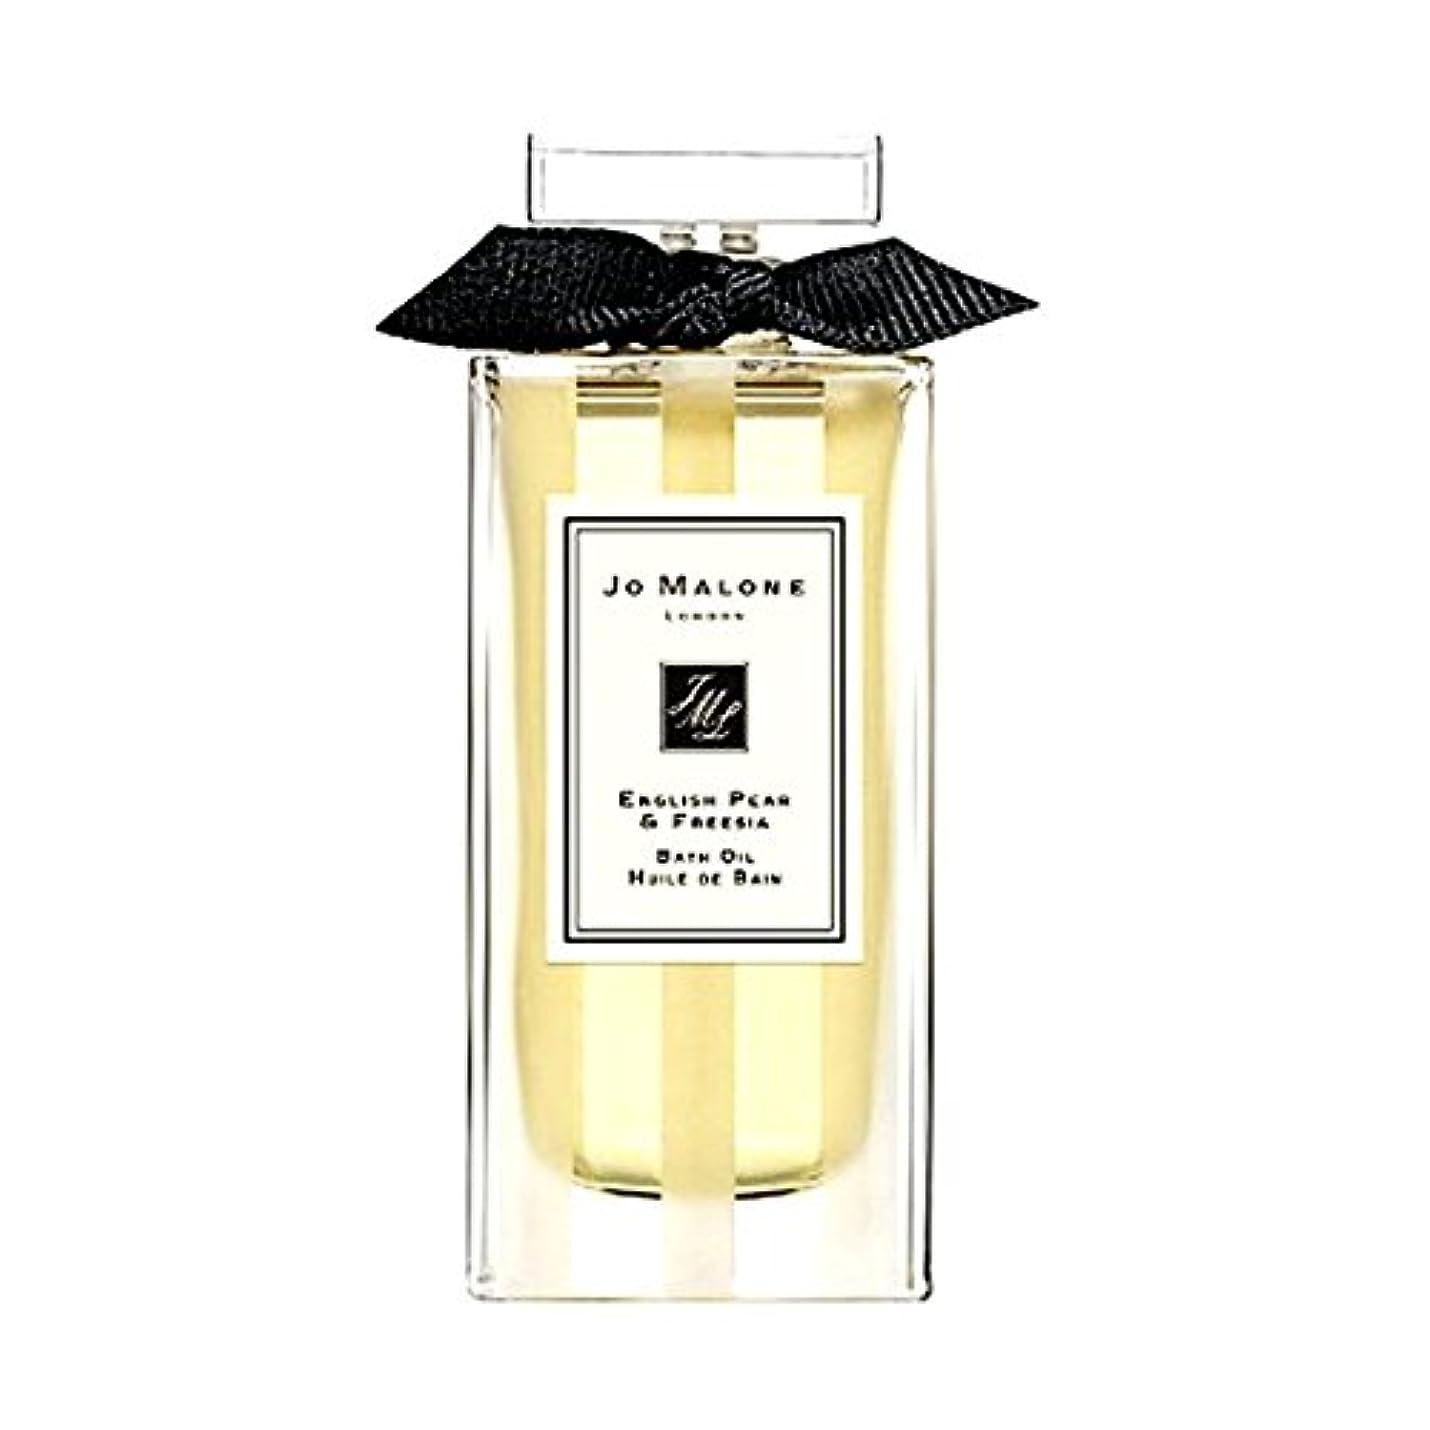 スクランブル土器行進Jo Maloneジョーマローン, バスオイル -英語梨&フリージア (30ml),' English Pear & Freesia' Bath Oil (1oz) [海外直送品] [並行輸入品]